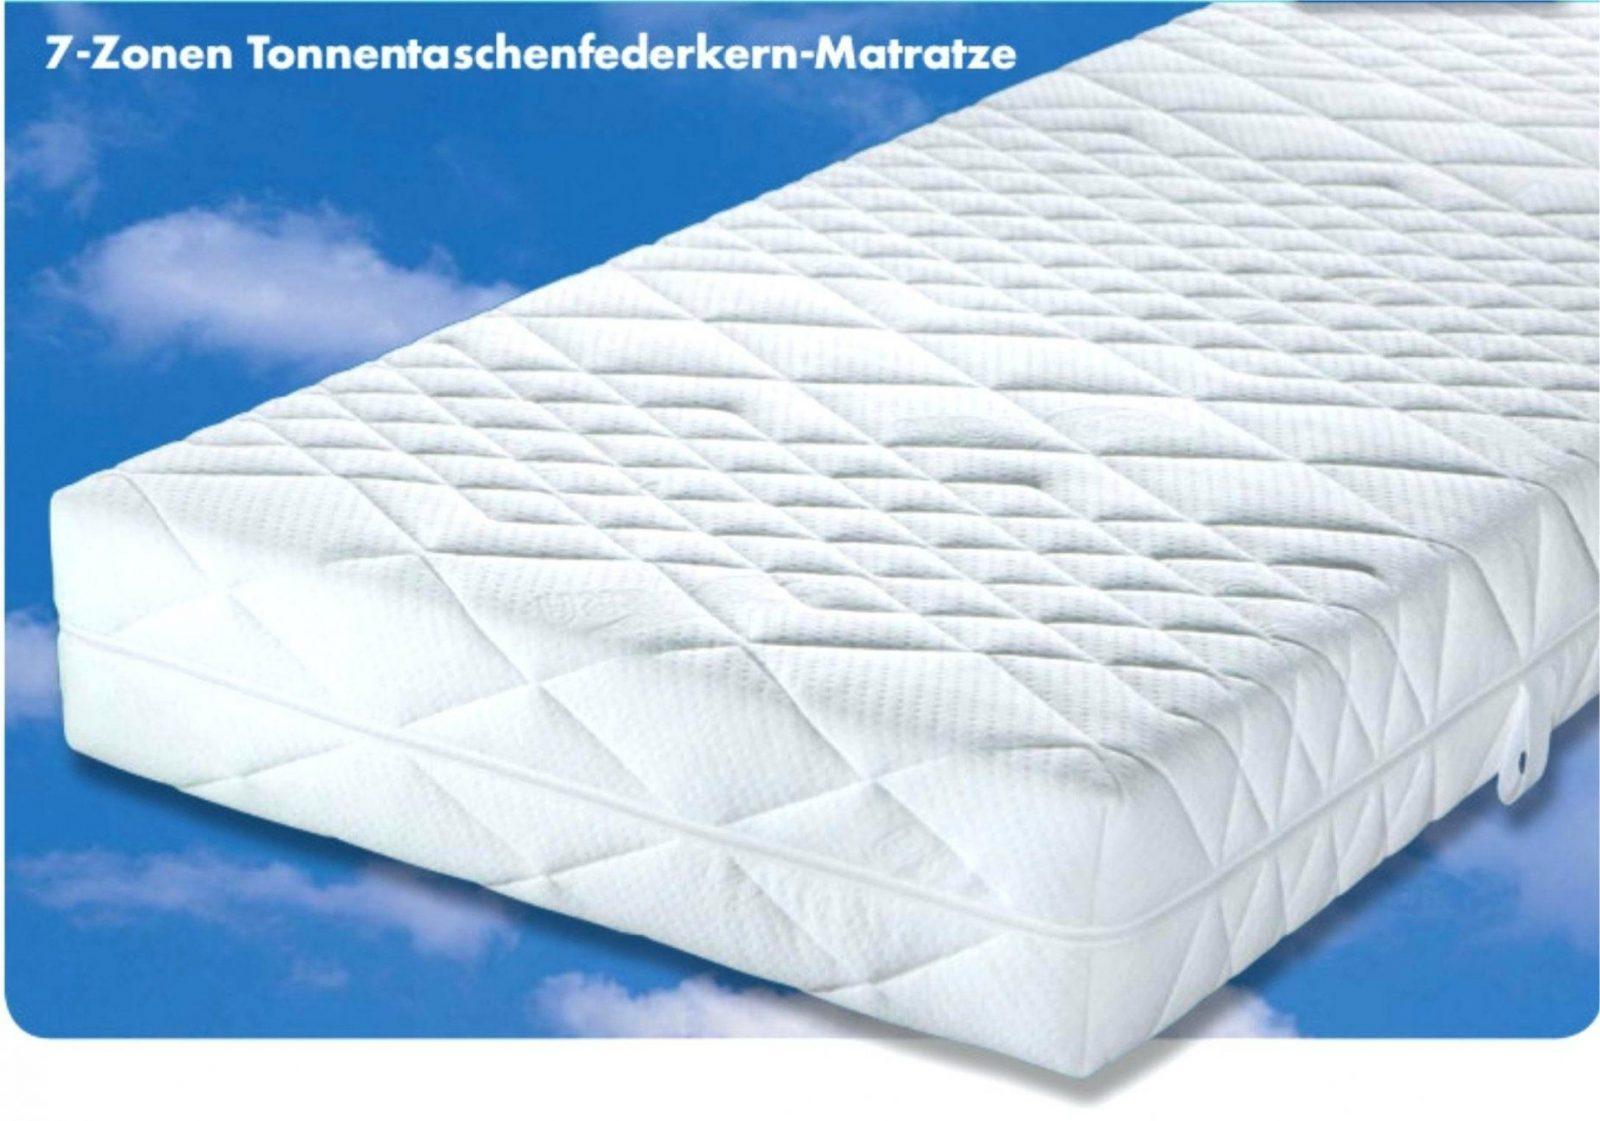 37 Amazing Modell Bezieht Sich Auf Matratzen Hamburg  Beste von Matratzen Concord Rahlstedt Photo